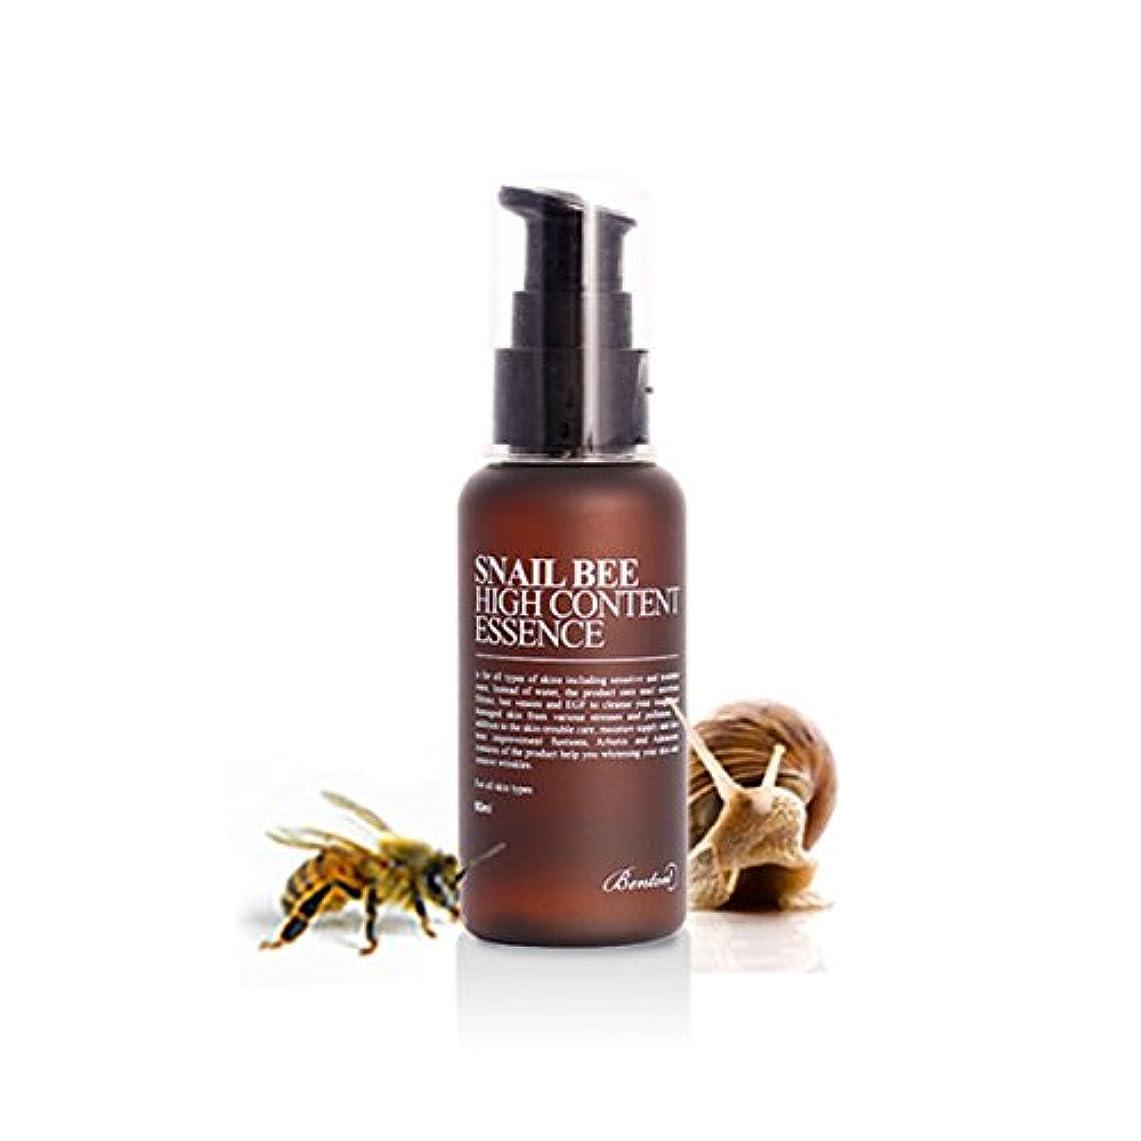 何よりも折るキロメートル[ベントン] Benton カタツムリ蜂ハイコンテンツエッセンス Snail Bee High Content Essence 60ml [並行輸入品]